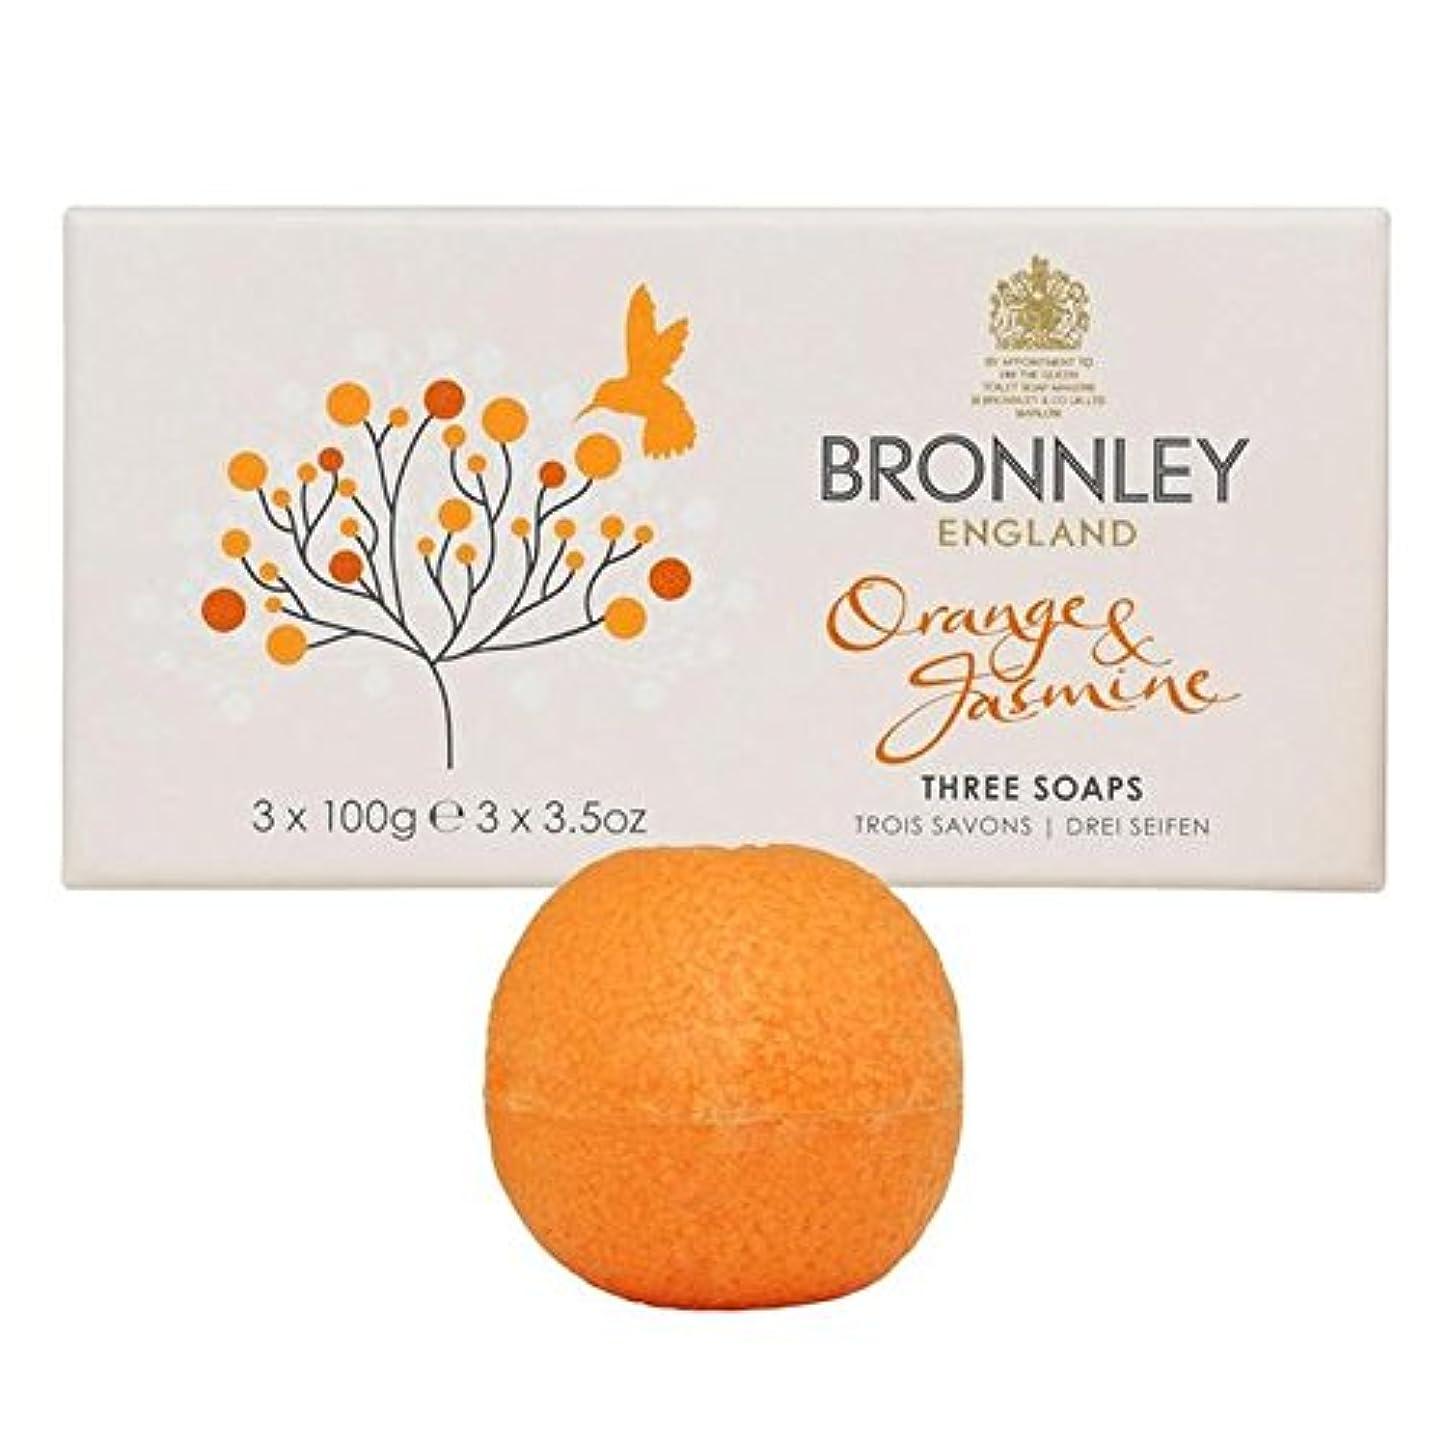 ずんぐりしたダイヤル検出器Bronnley Orange & Jasmine Soaps 3 x 100g - オレンジ&ジャスミン石鹸3×100グラム [並行輸入品]